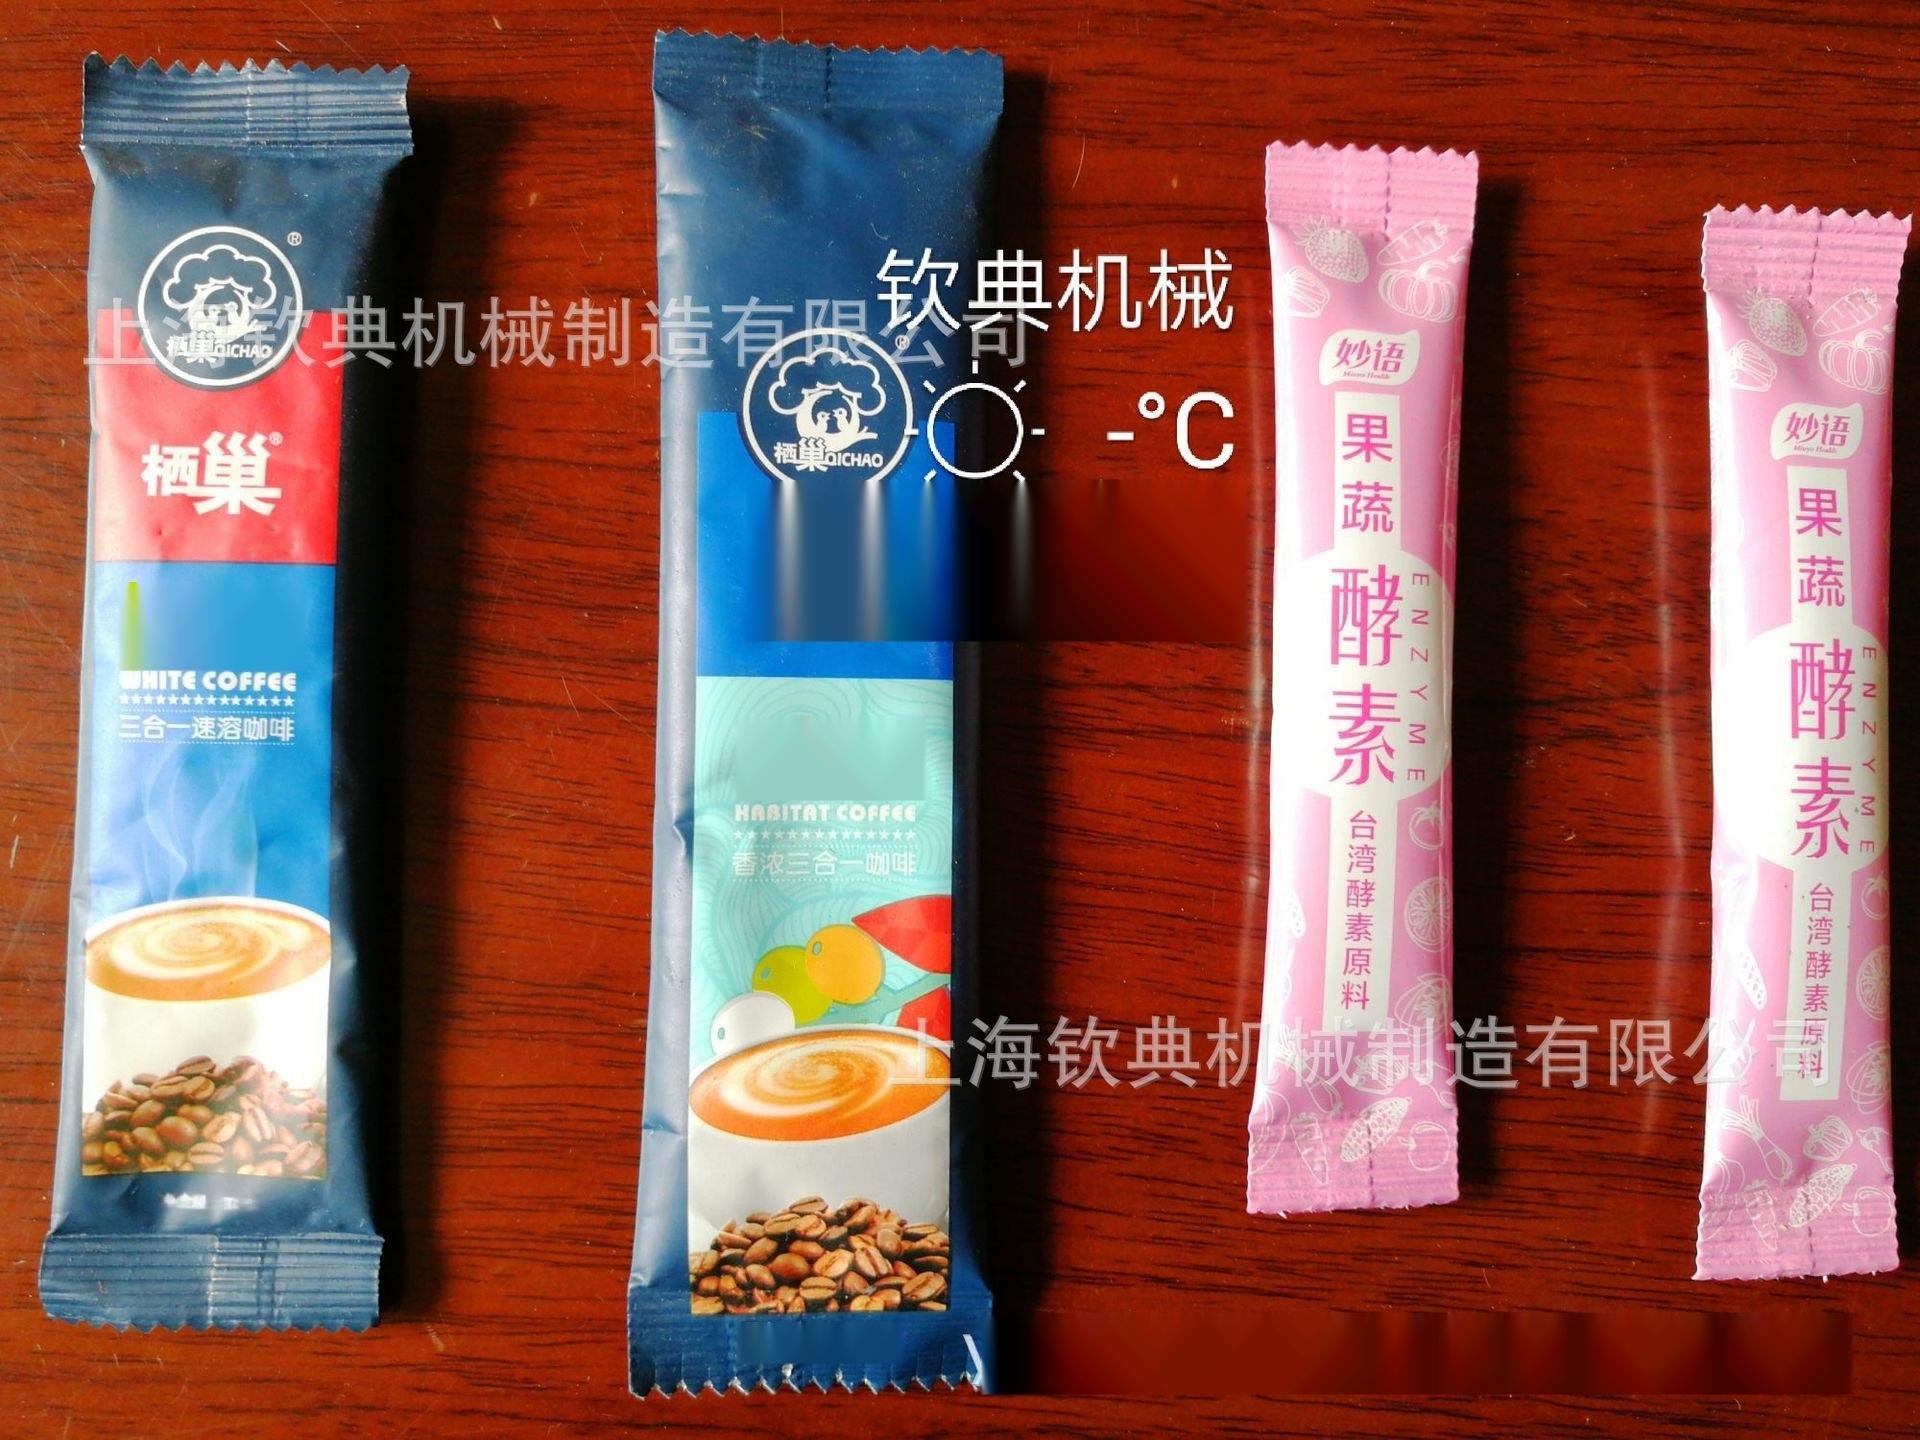 液體圓角自動包裝機 全自動茶粉茶珍包裝機 漱口水定量自動包裝機